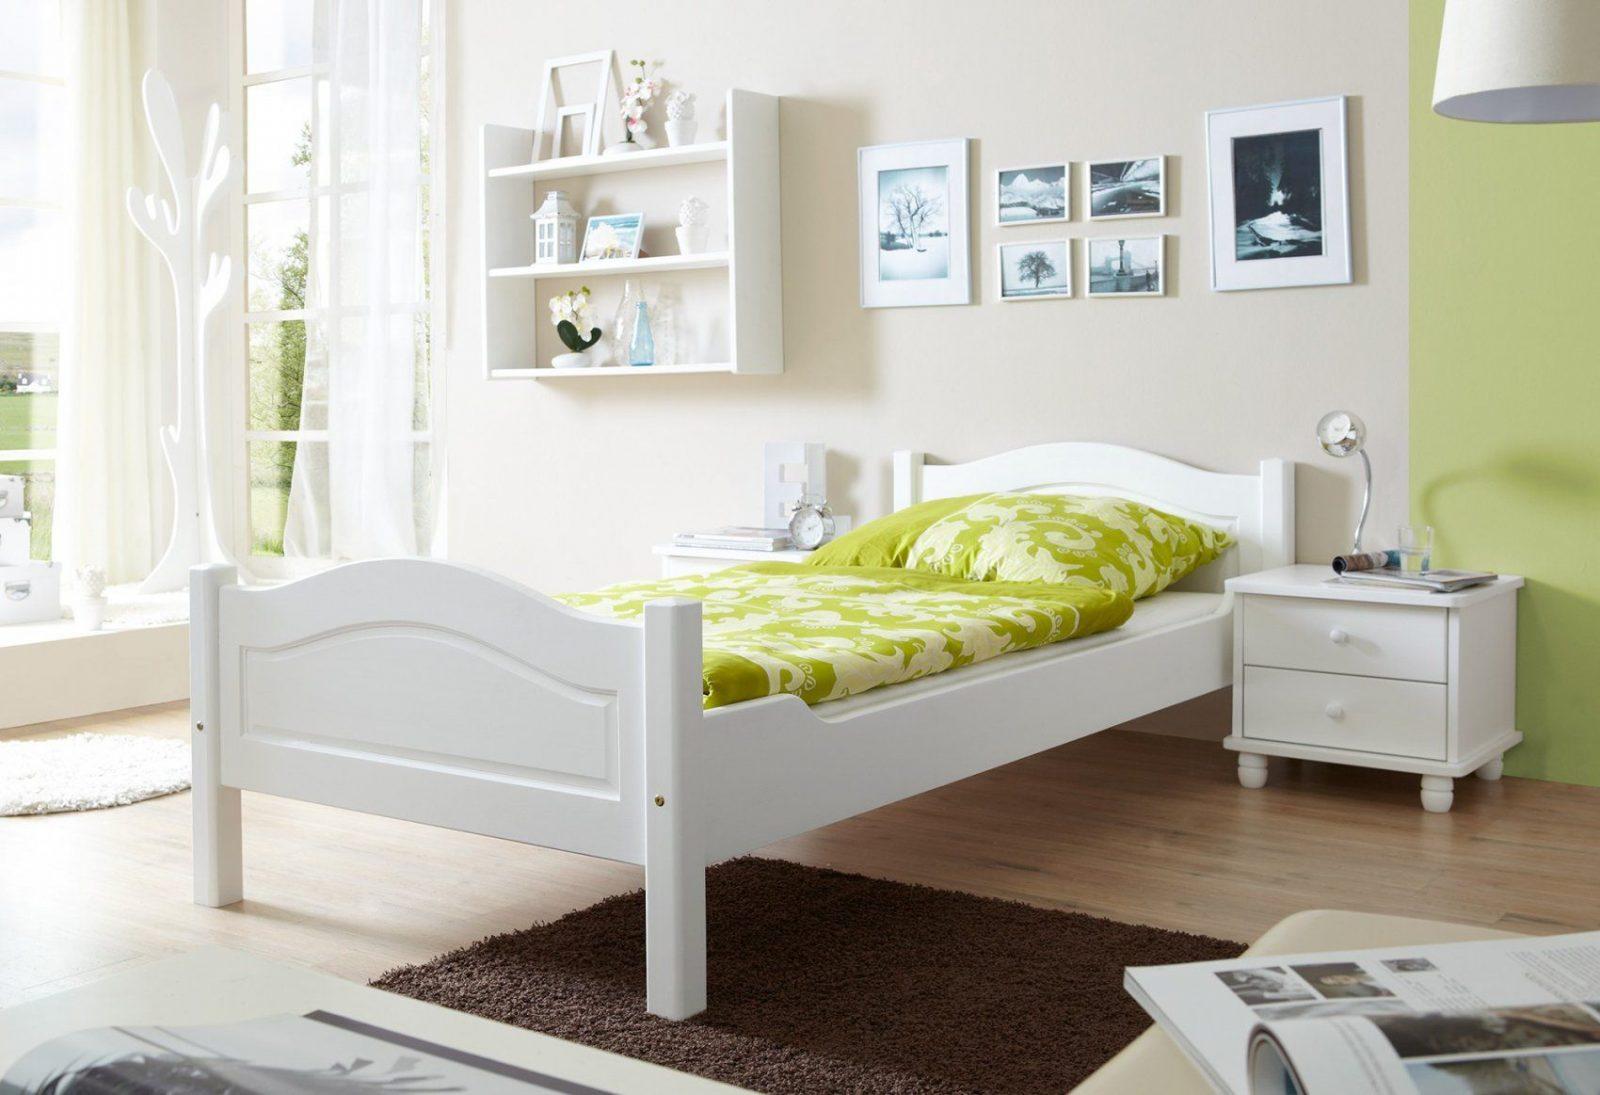 Einzelbett 90X200 Cm Einzelbett Holzbett  Real von Bett Landhausstil Weiß 90X200 Photo